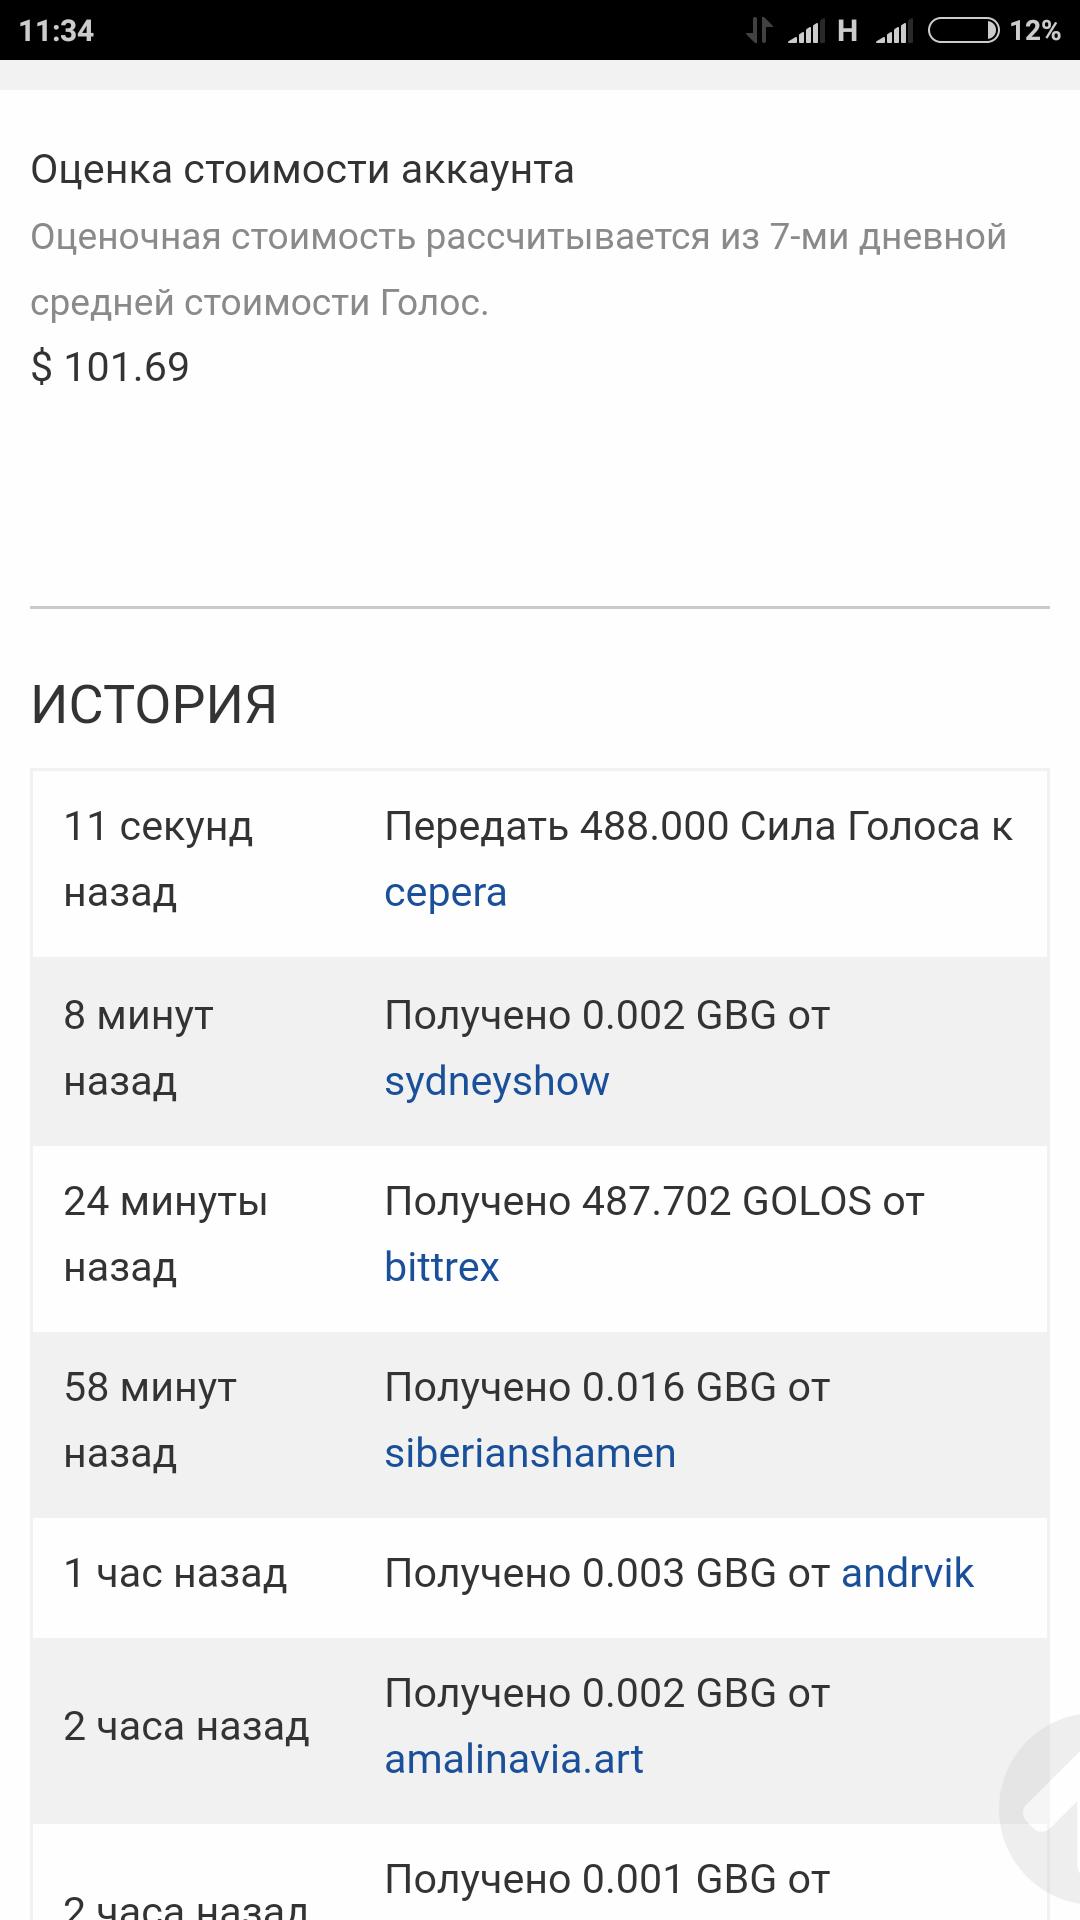 Screenshot_2017-10-16-11-34-44-814_com.android.chrome.png